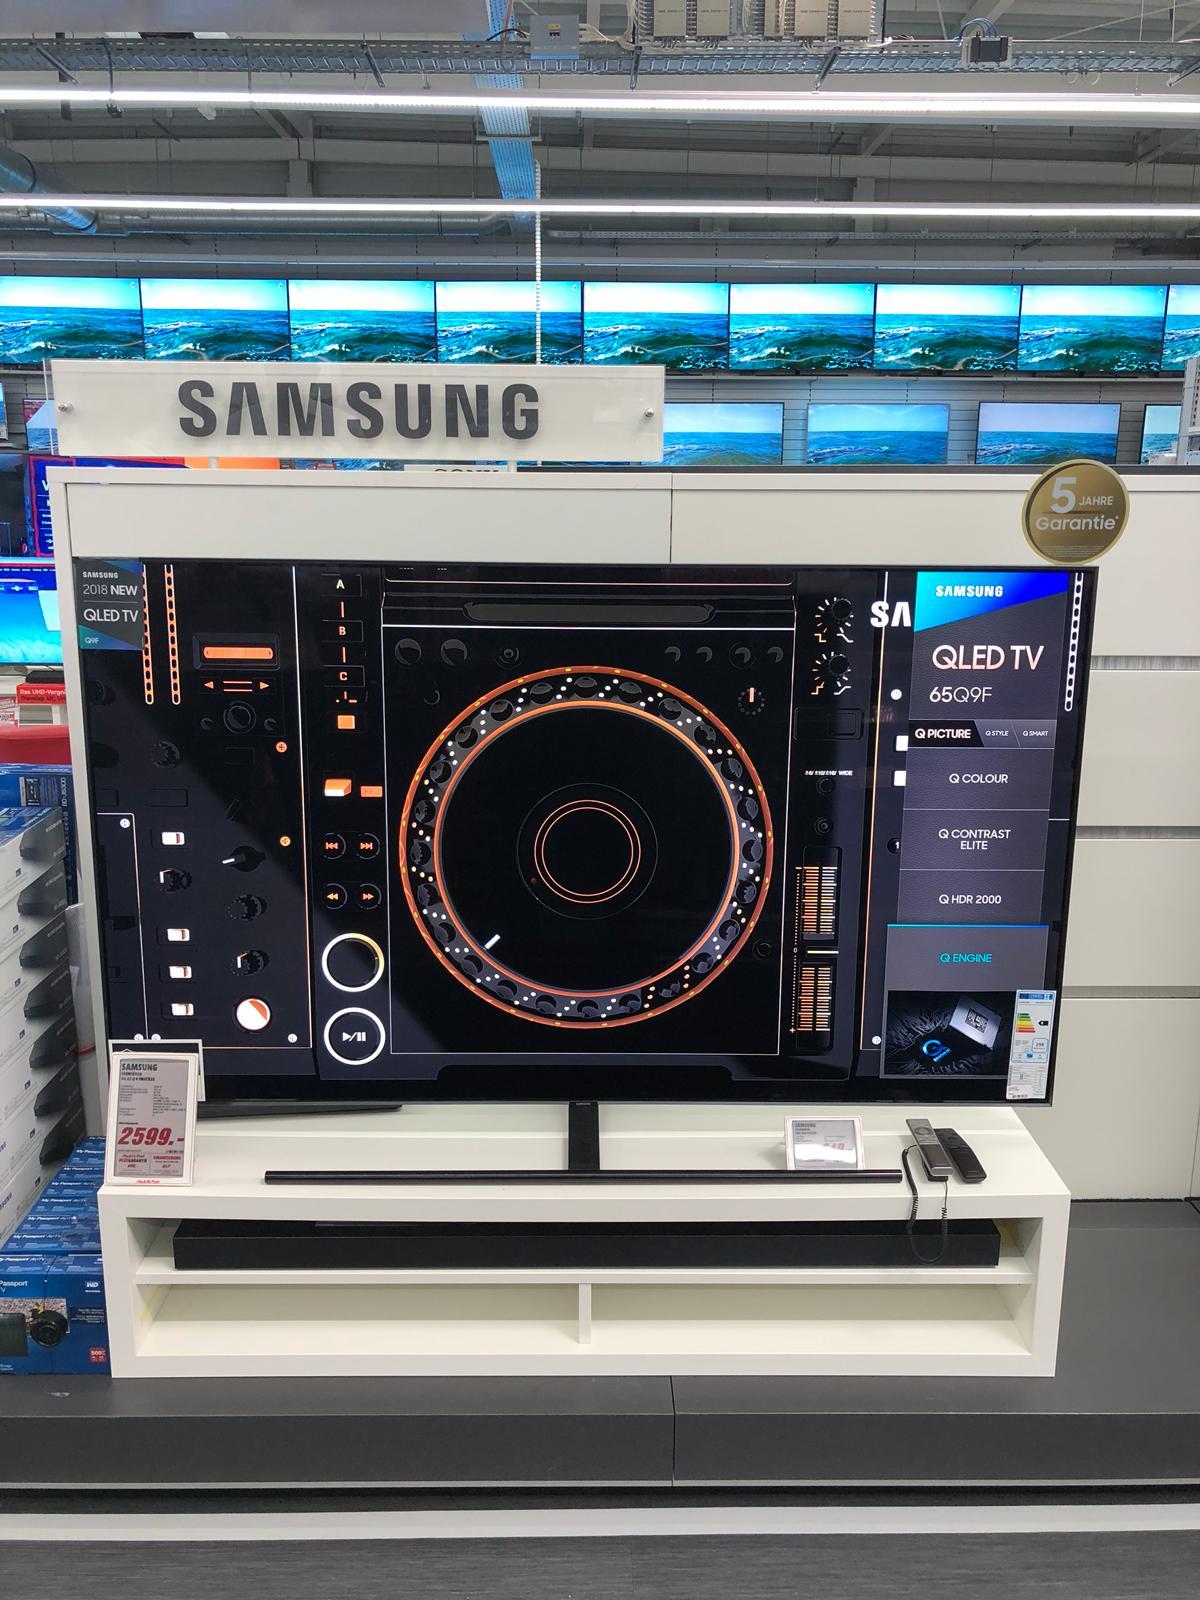 *LOKAL!!!! im Media Markt Wiesbaden-Hasengartenstr.* den Samsung GQ65Q9FN QLED TV mit 5 J. Garantie